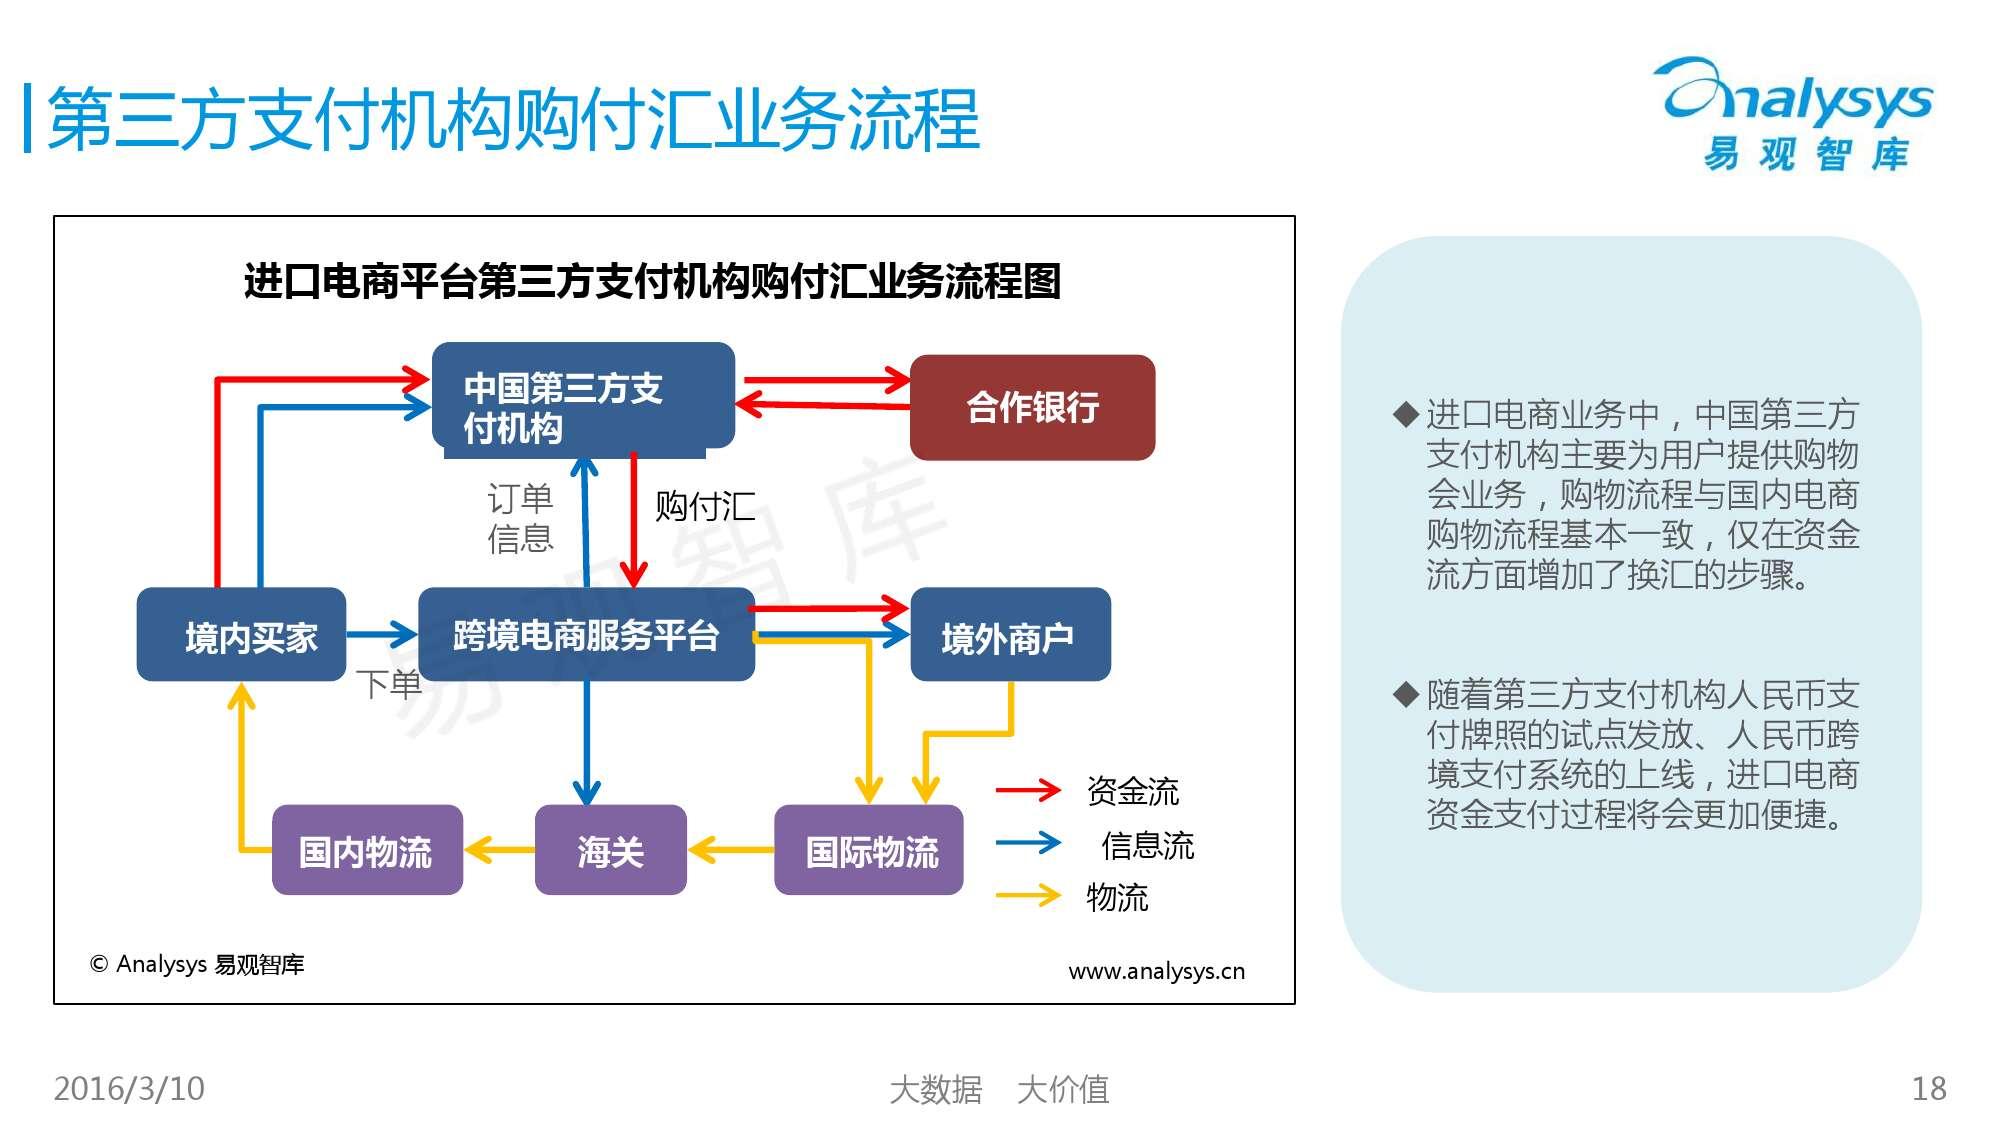 中国跨境支付市场专题研究报告2016_000018